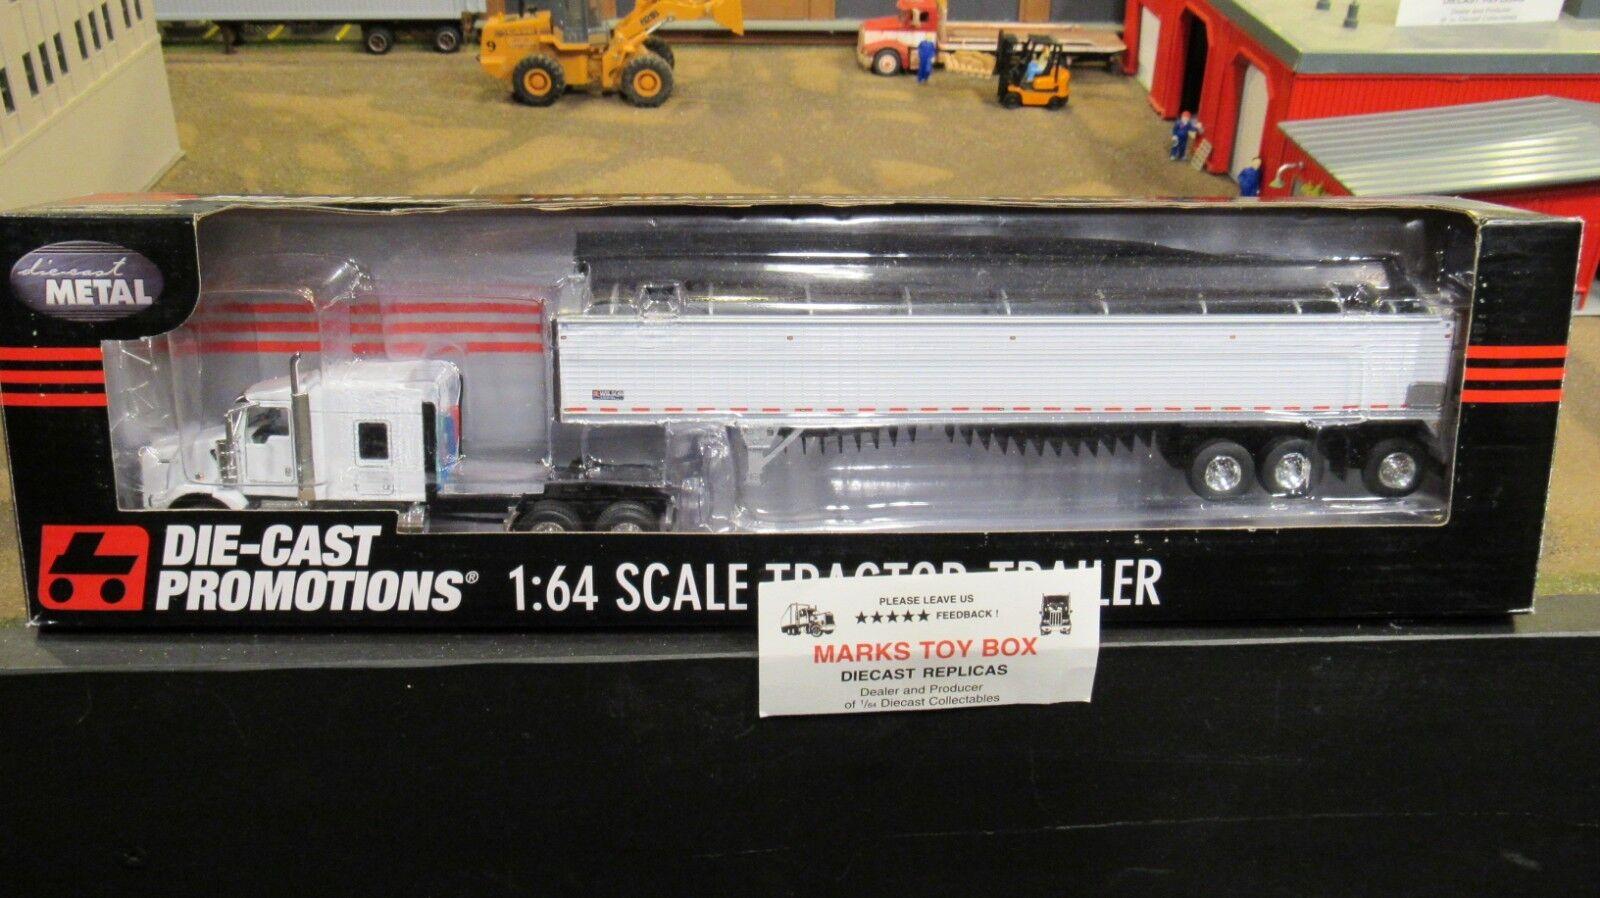 Operador de propietario DCPT800 Kw Semi Cab Truck & Wilson grano Remolque 1 64 CL